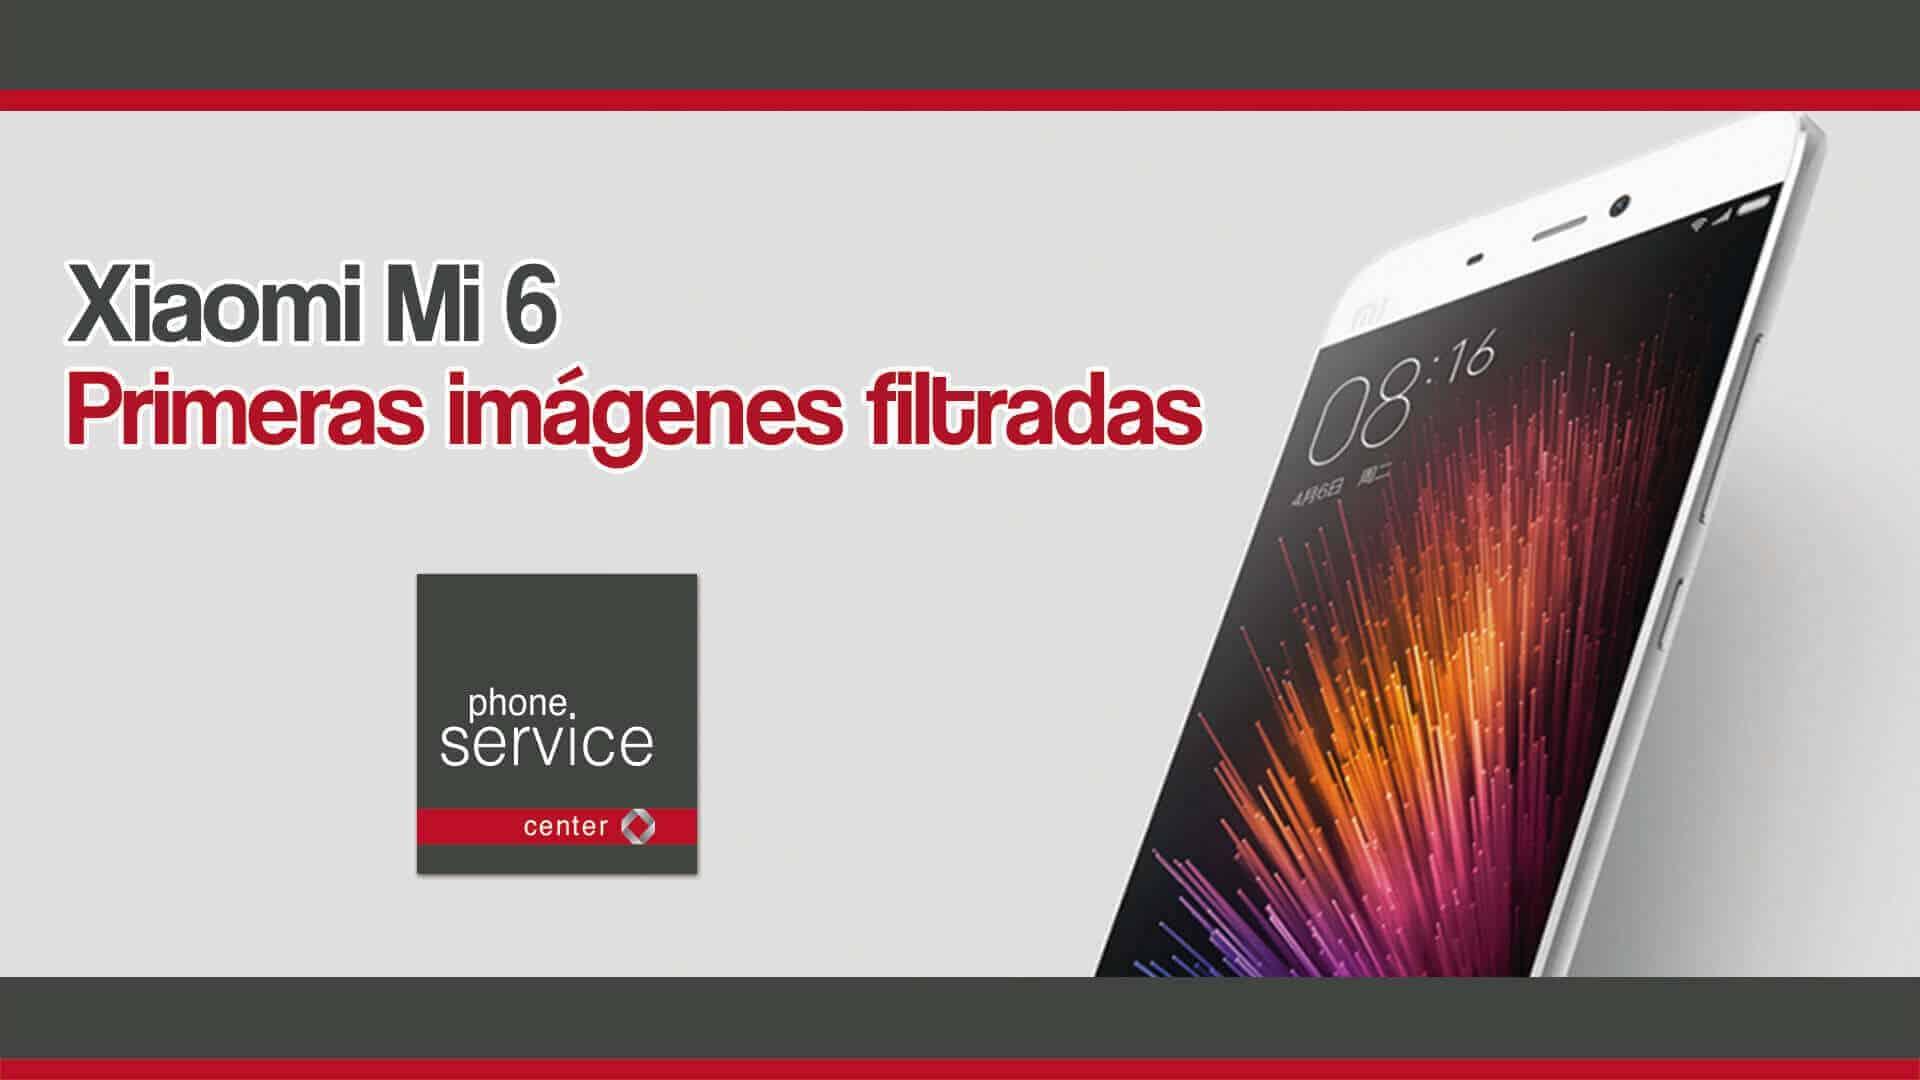 Xiaomi Mi 6 primeras imagenes